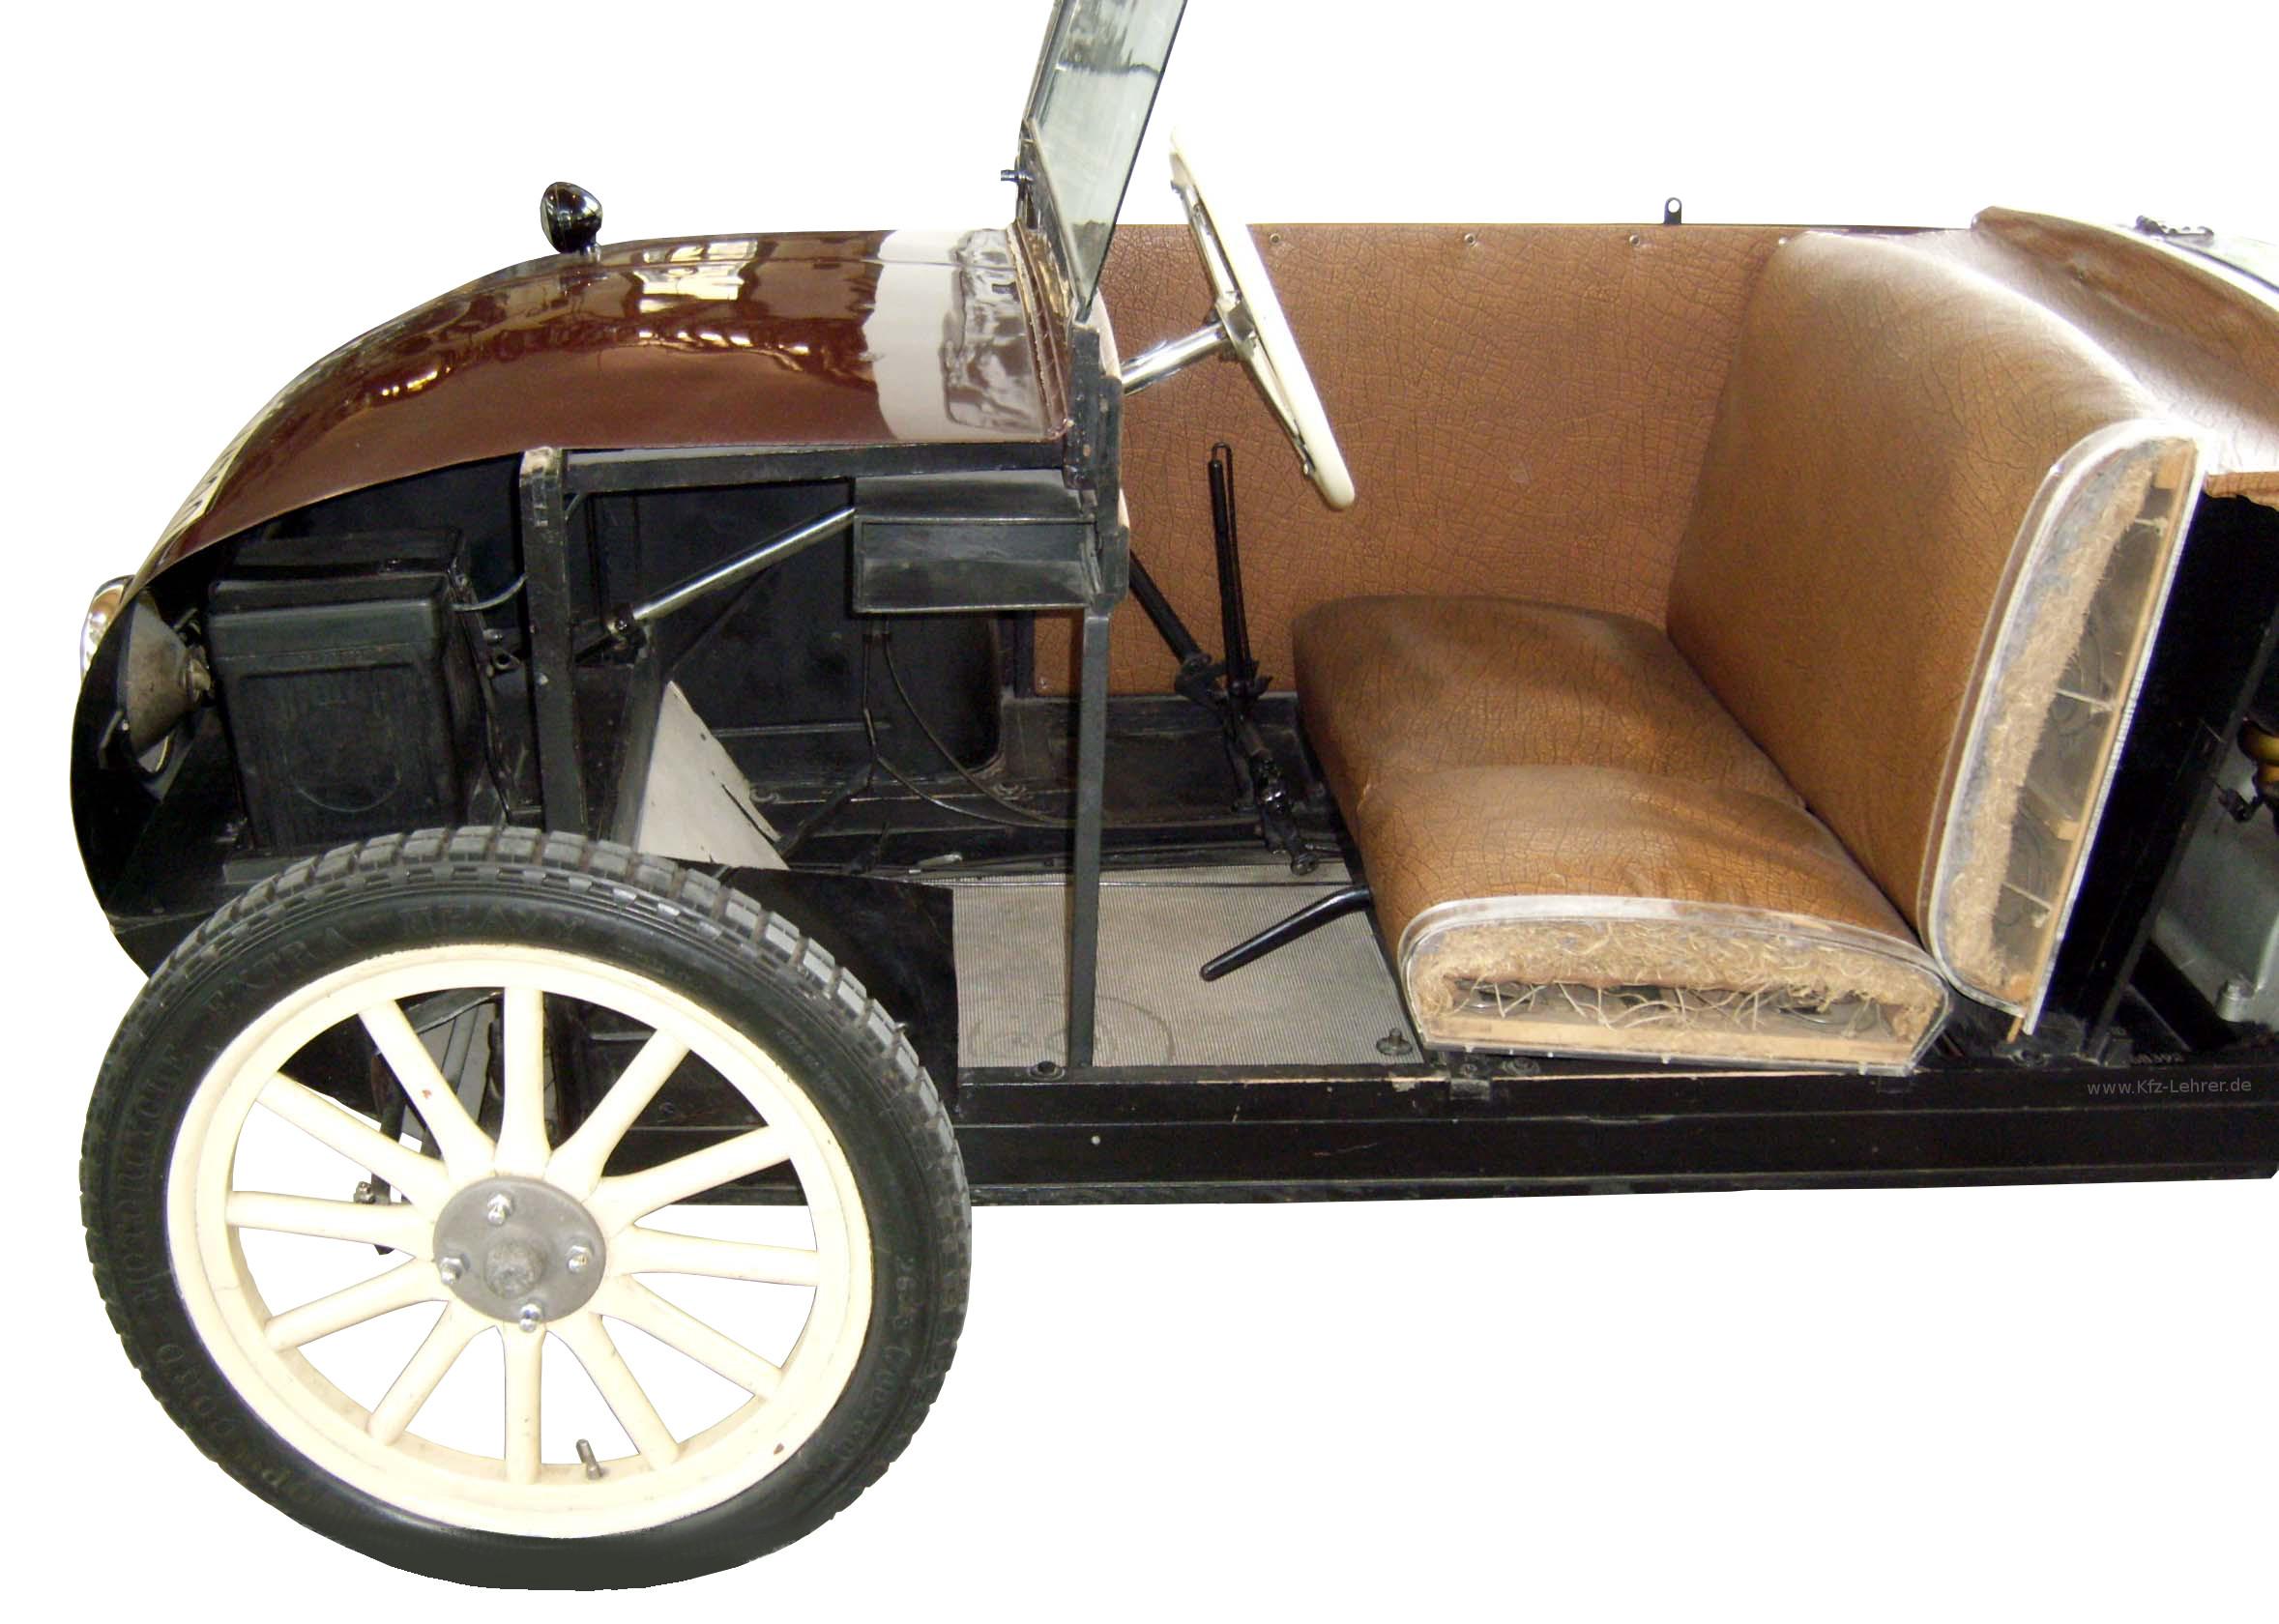 Sitz und Vorderwagen des hanomag Kommissbrot als Schnittmodell